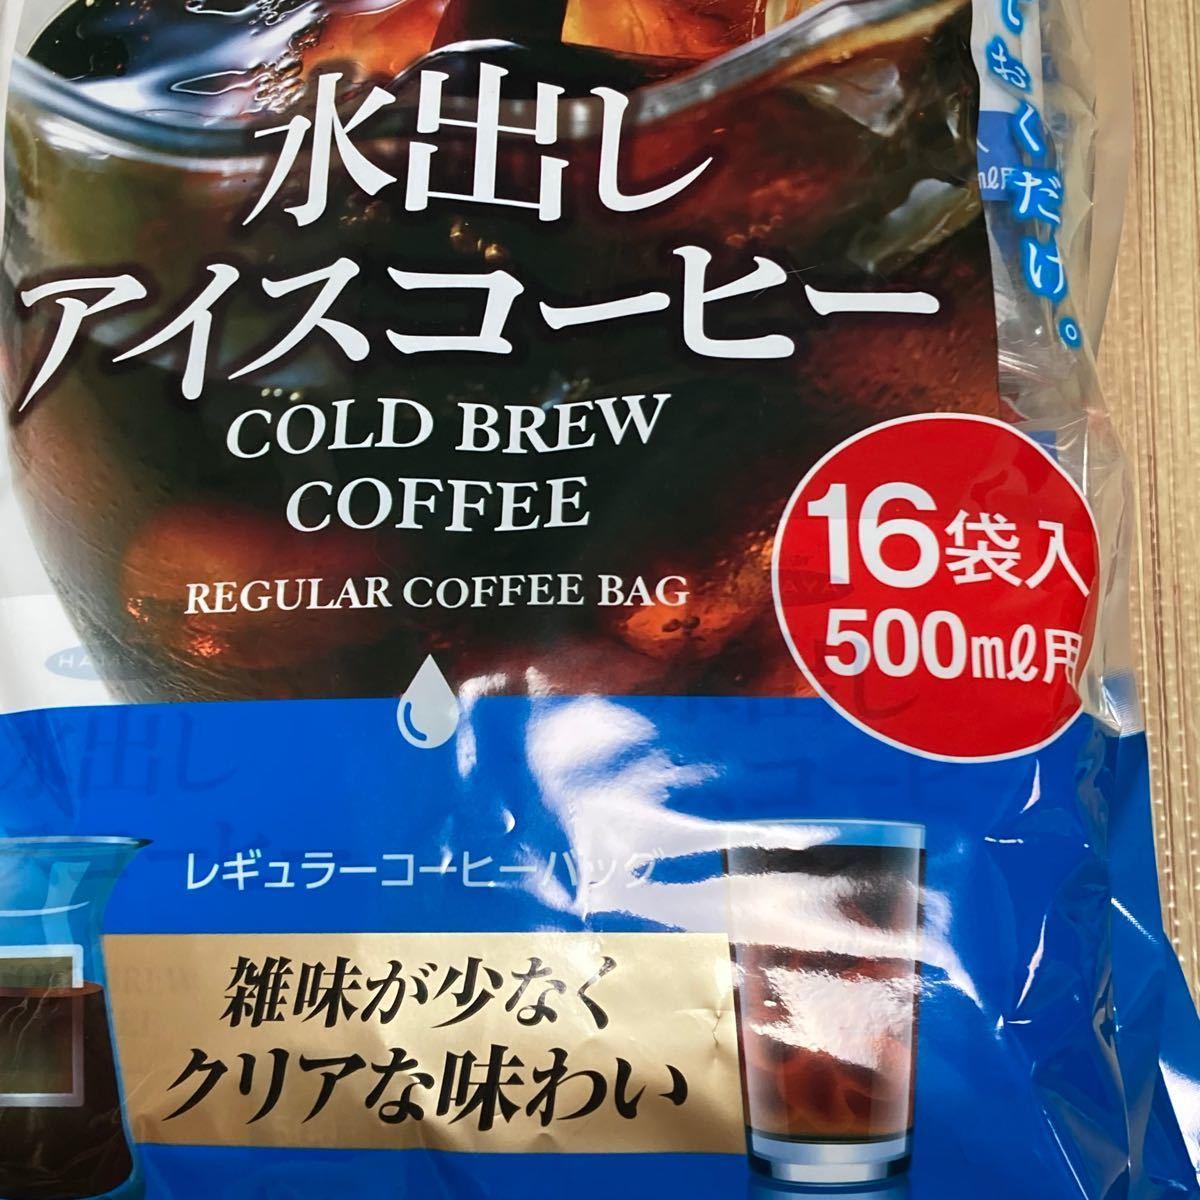 《人気商品》ハマヤ 水出しアイスコーヒー 2袋 HAMAYA COLD BREW COFFEE